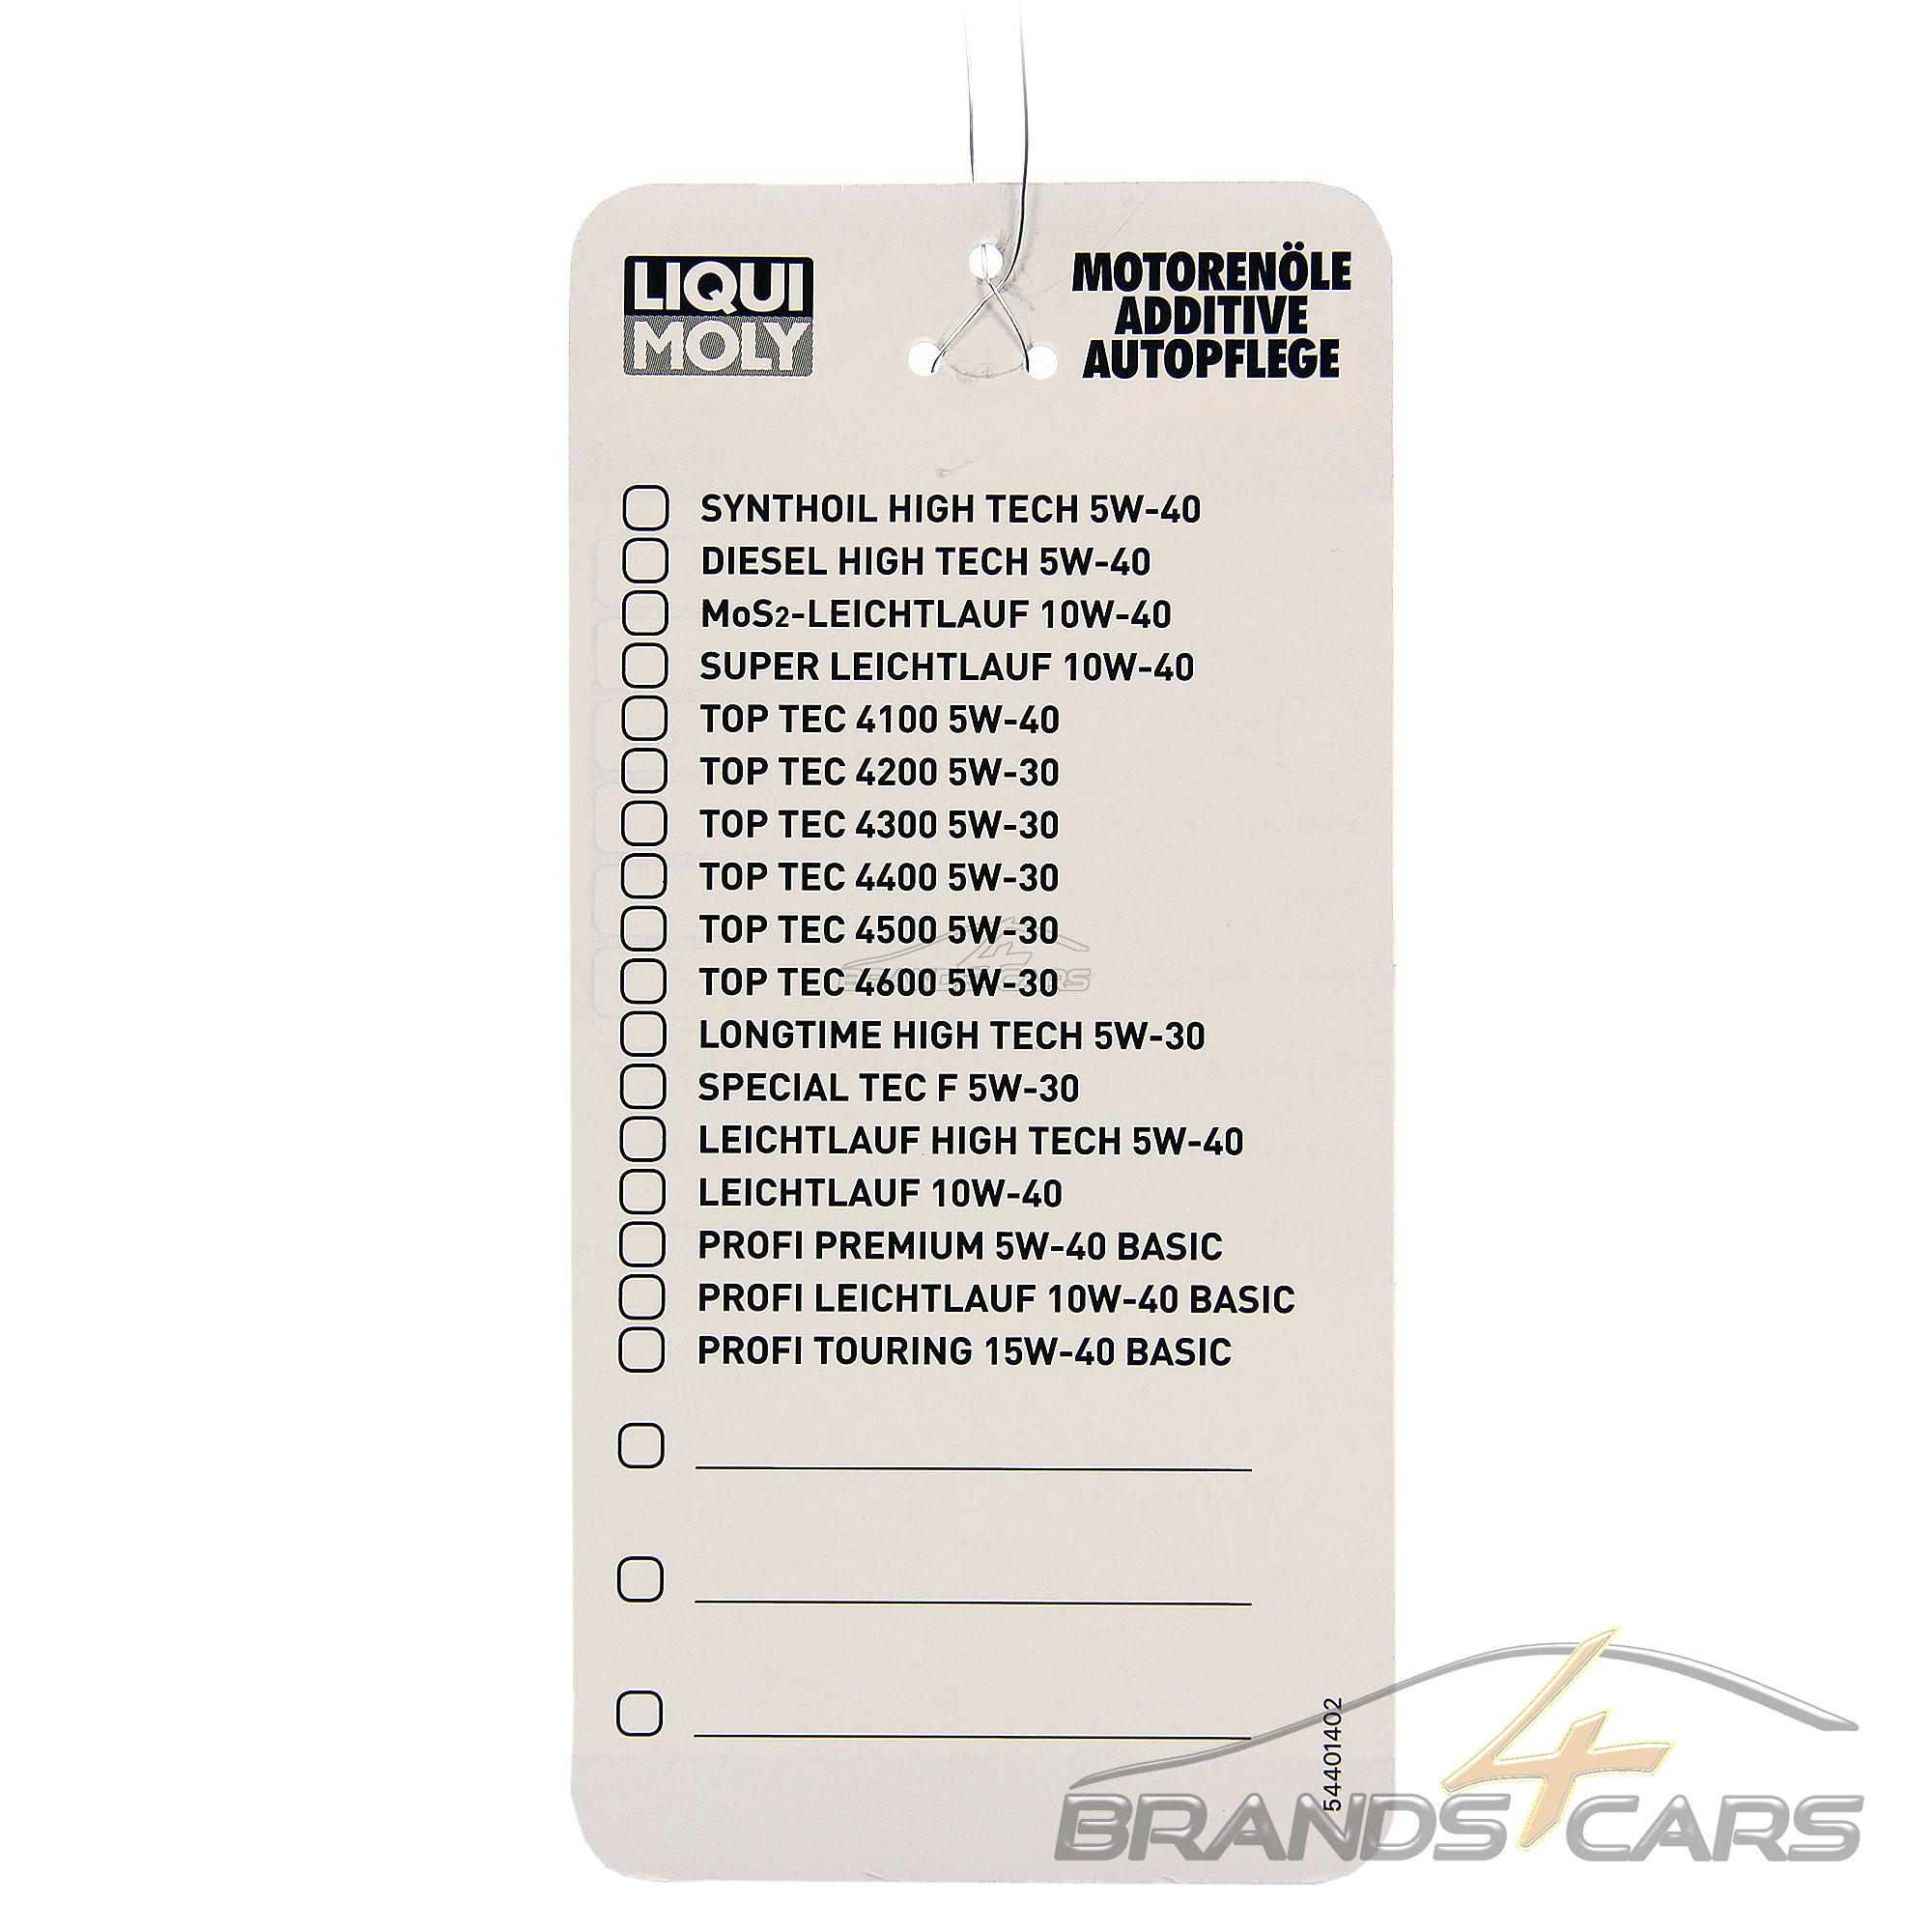 Bosch inspección filtro de paquetes frase a Mercedes Benz CLS c218 x218 250 CDI a partir del año de fabricación 11